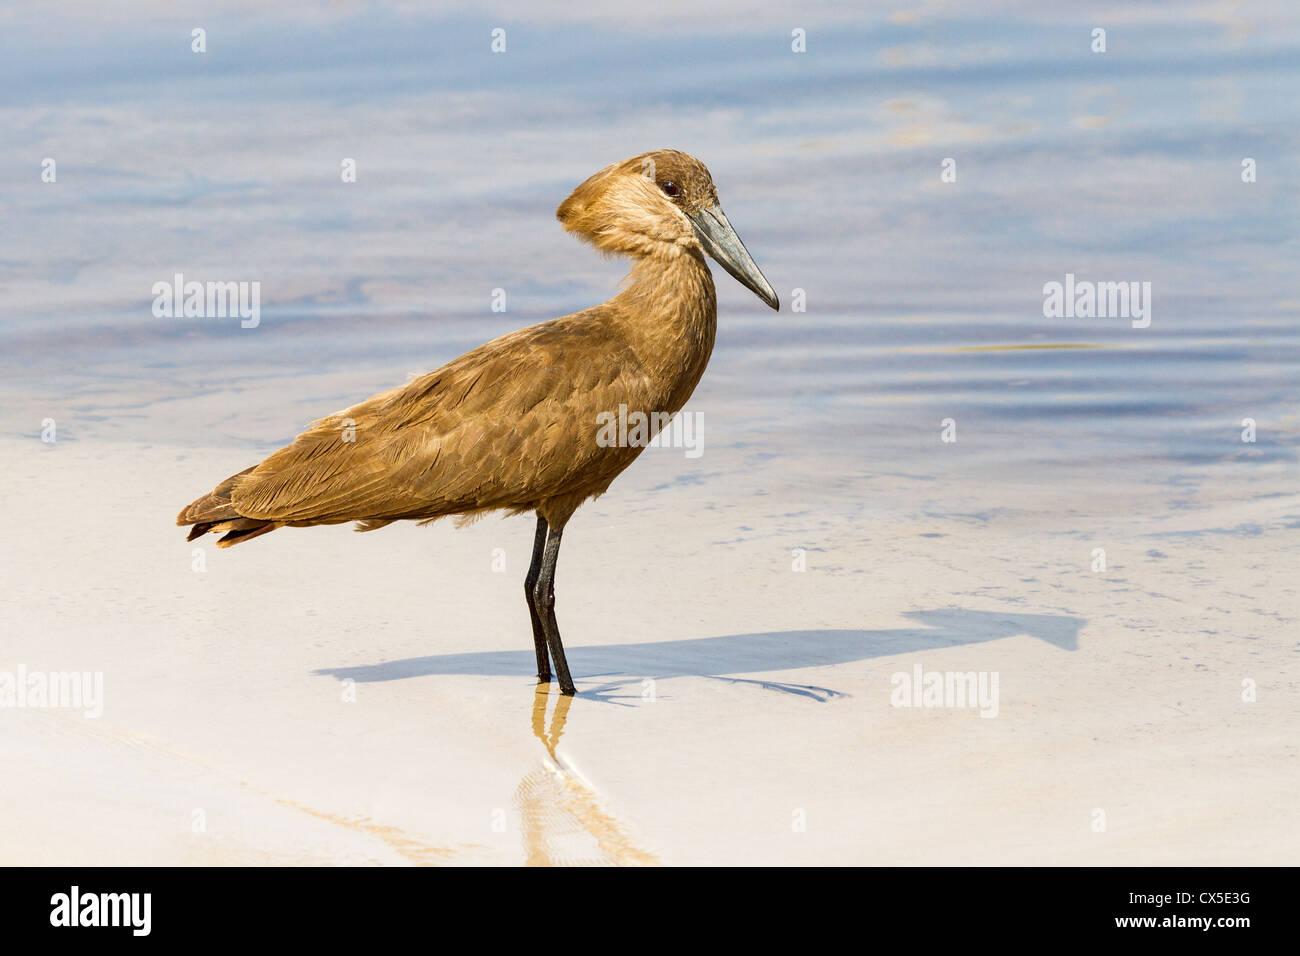 Hammerkop ( scopus umbretta) wading near Third Bridge, Moremi, Botswana Stock Photo